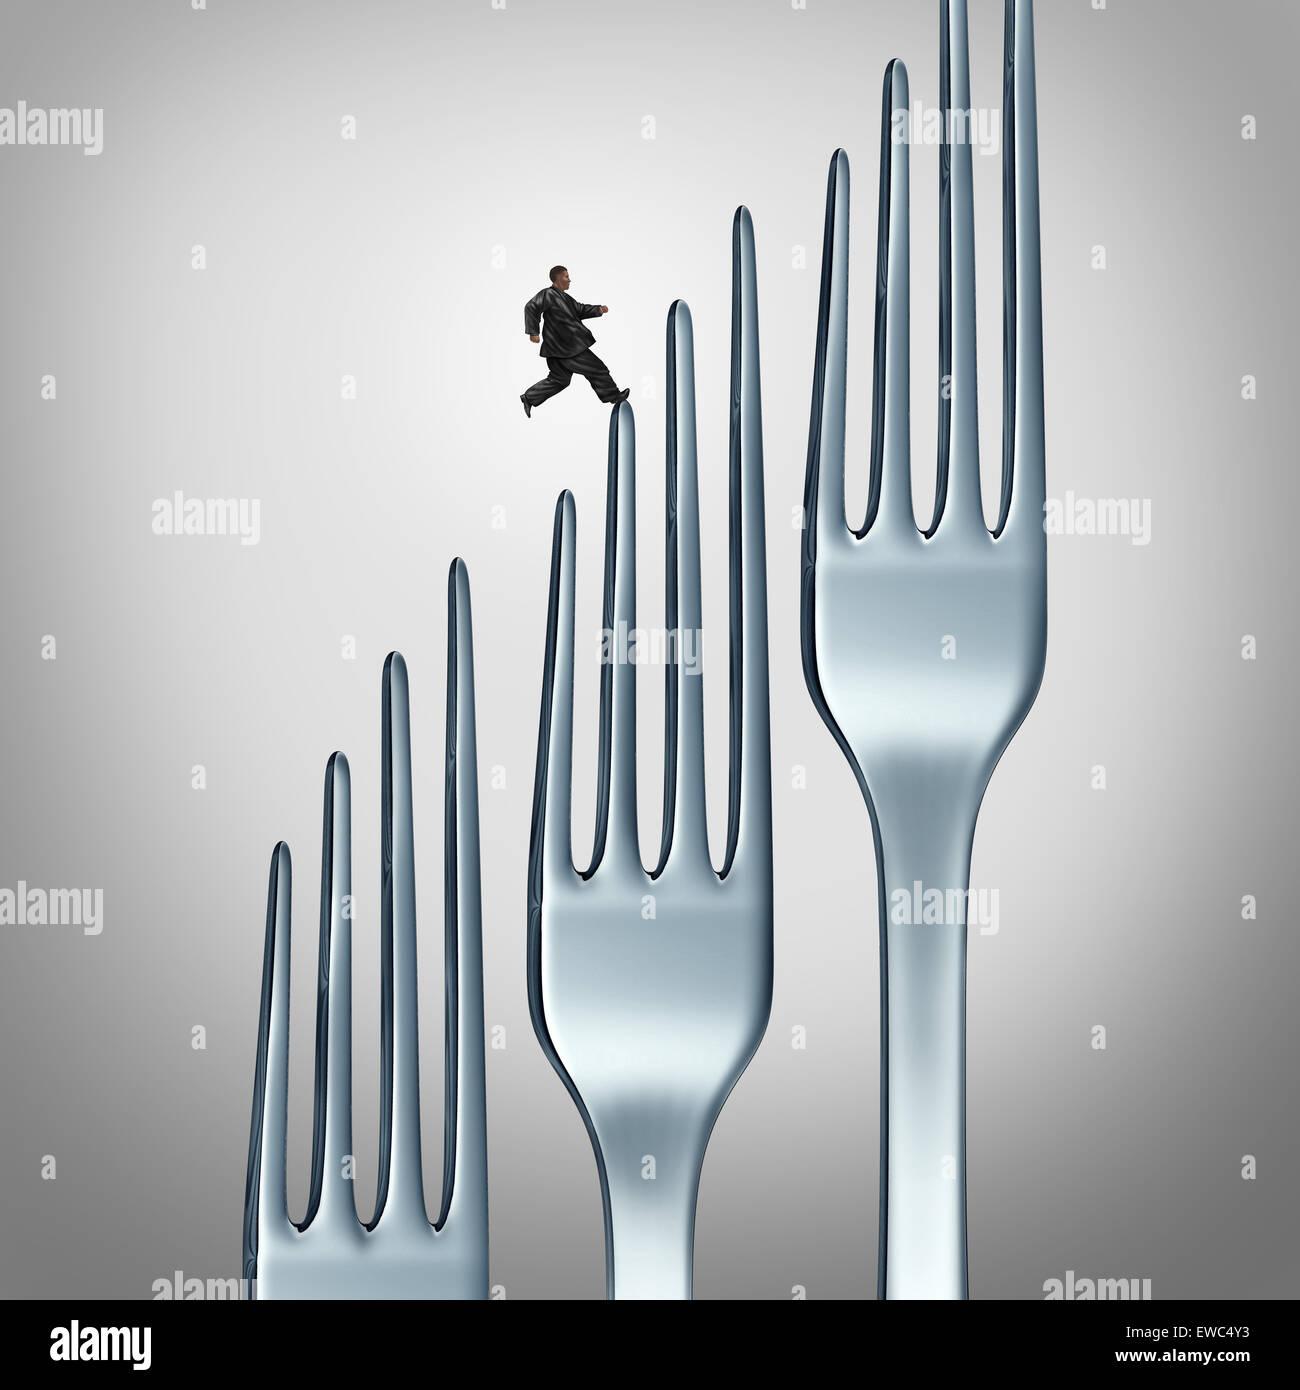 Défi d'un mode de vie sain et de la forme physique par l'exercice et manger des aliments de santé Photo Stock